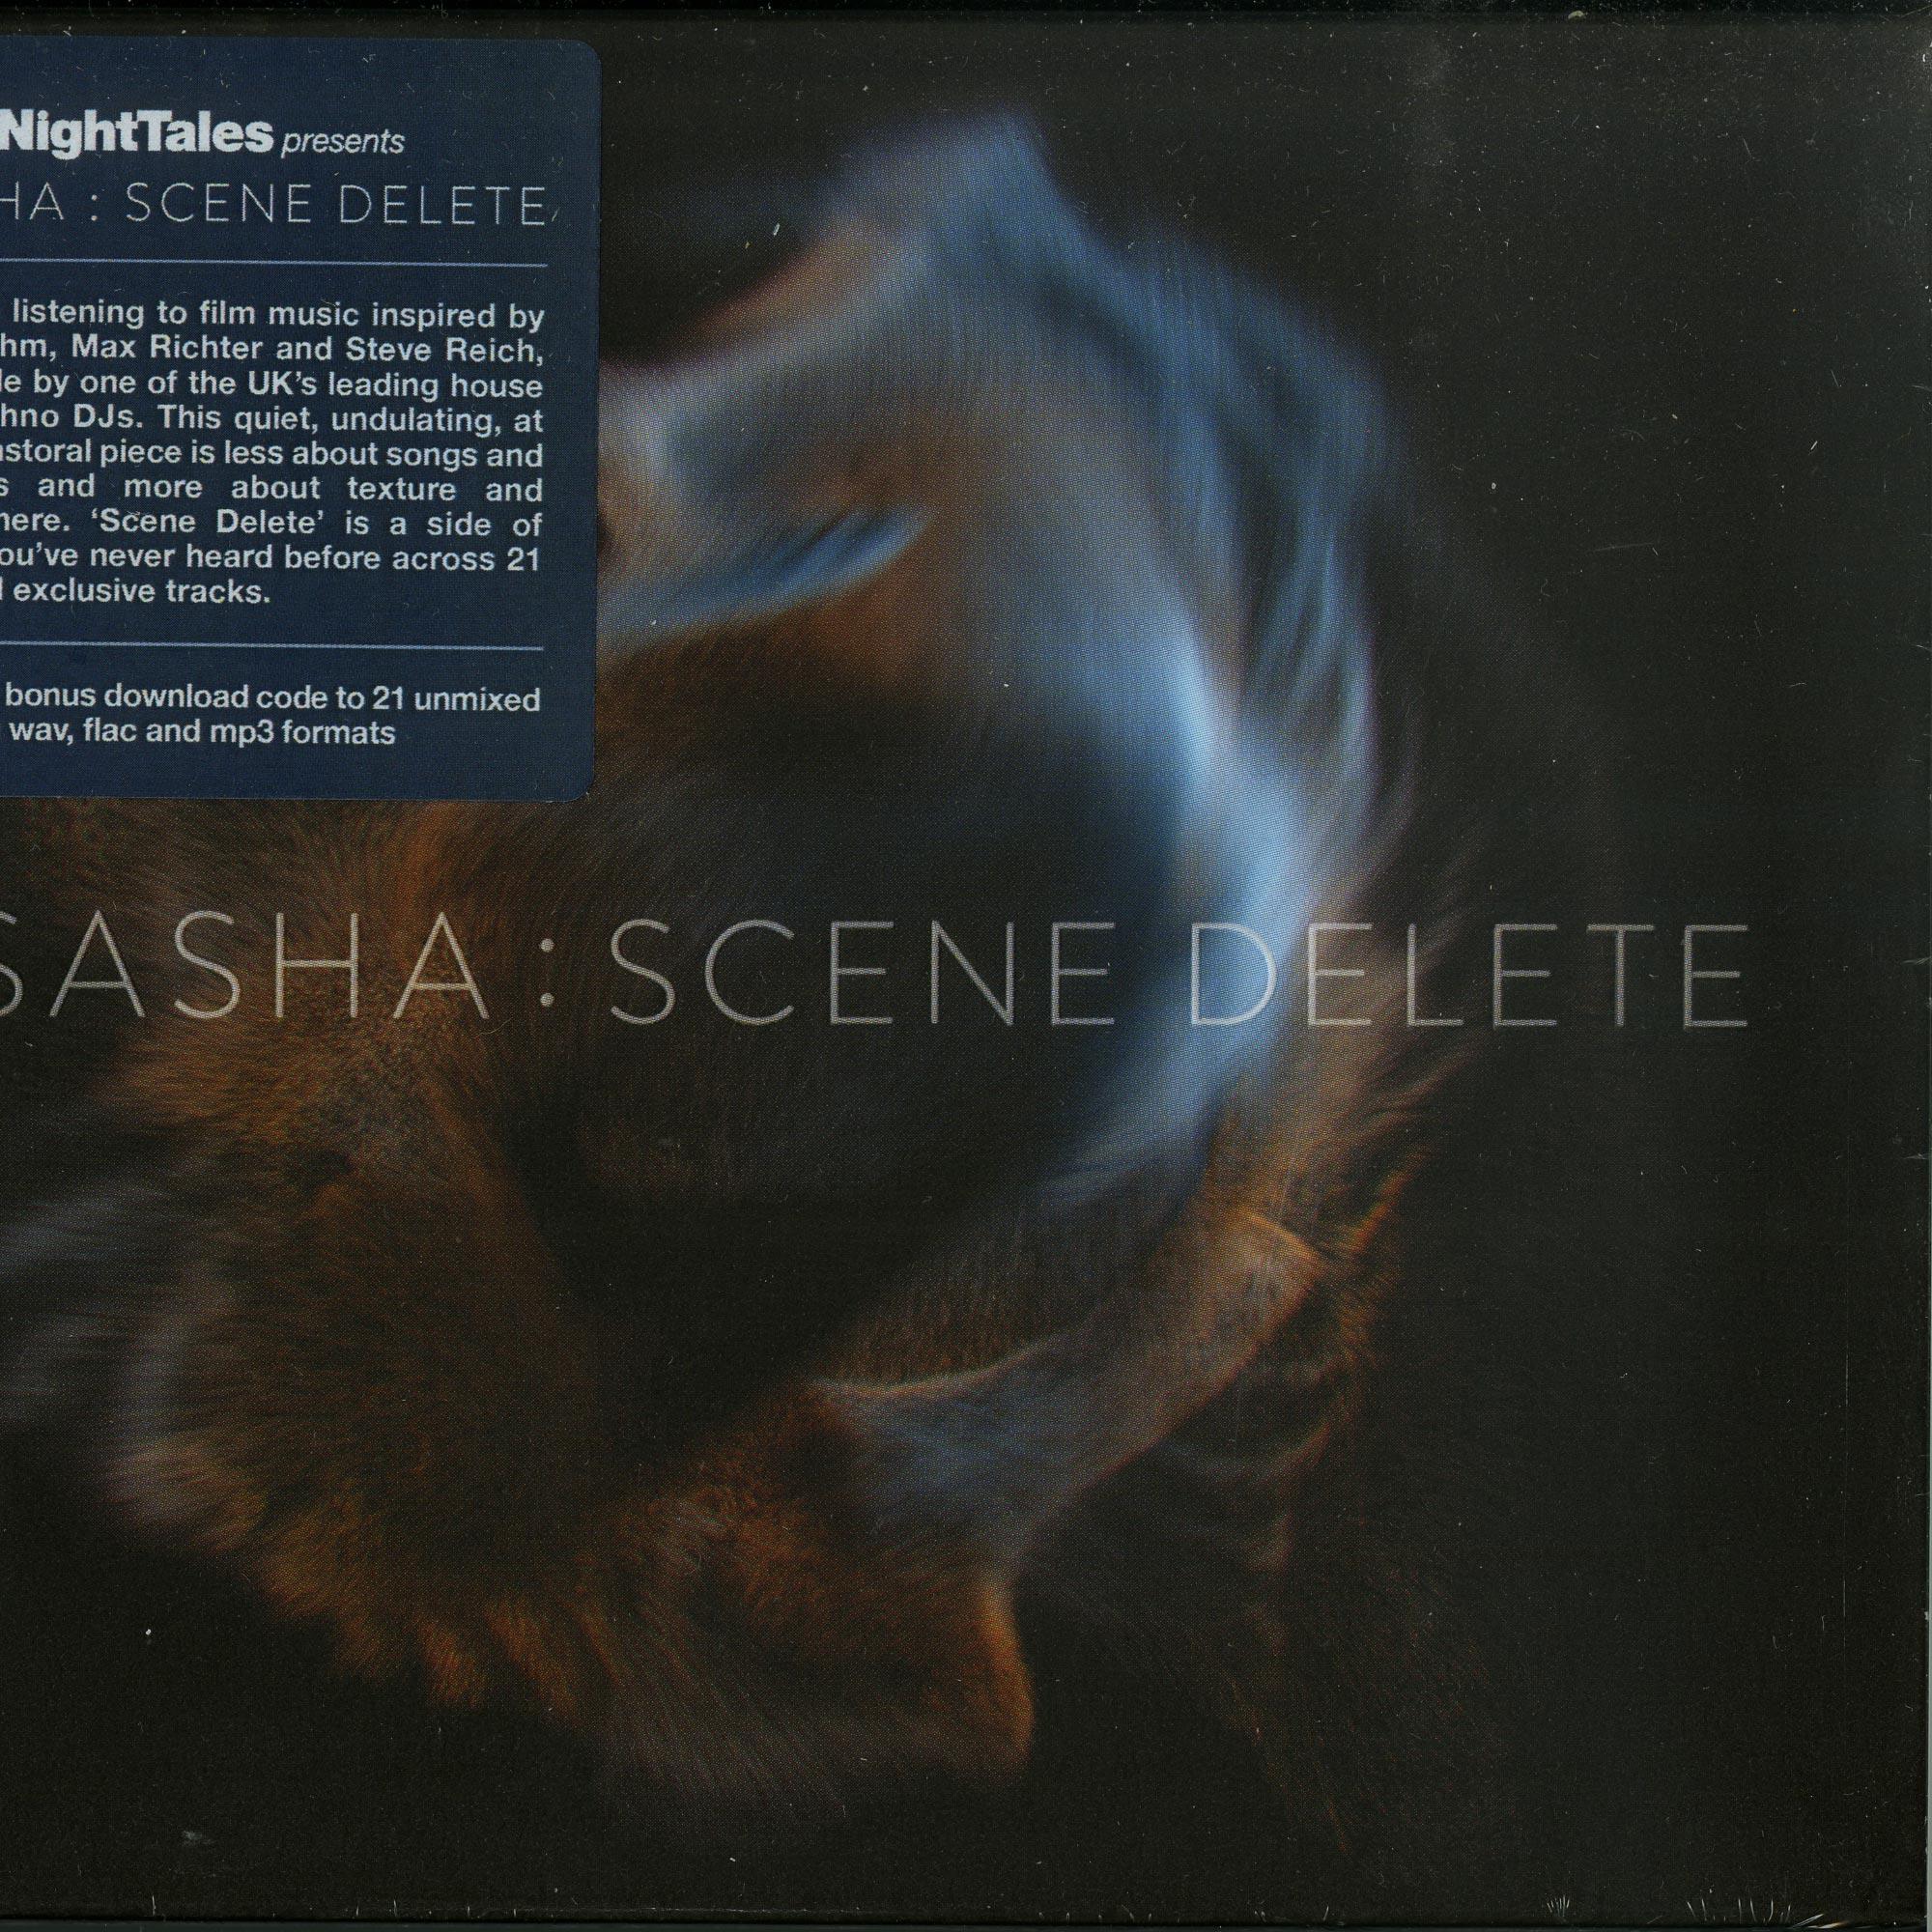 Sasha - LATE NIGHT TALES PRES. SASHA: SCENE DELETE/CD+MP3